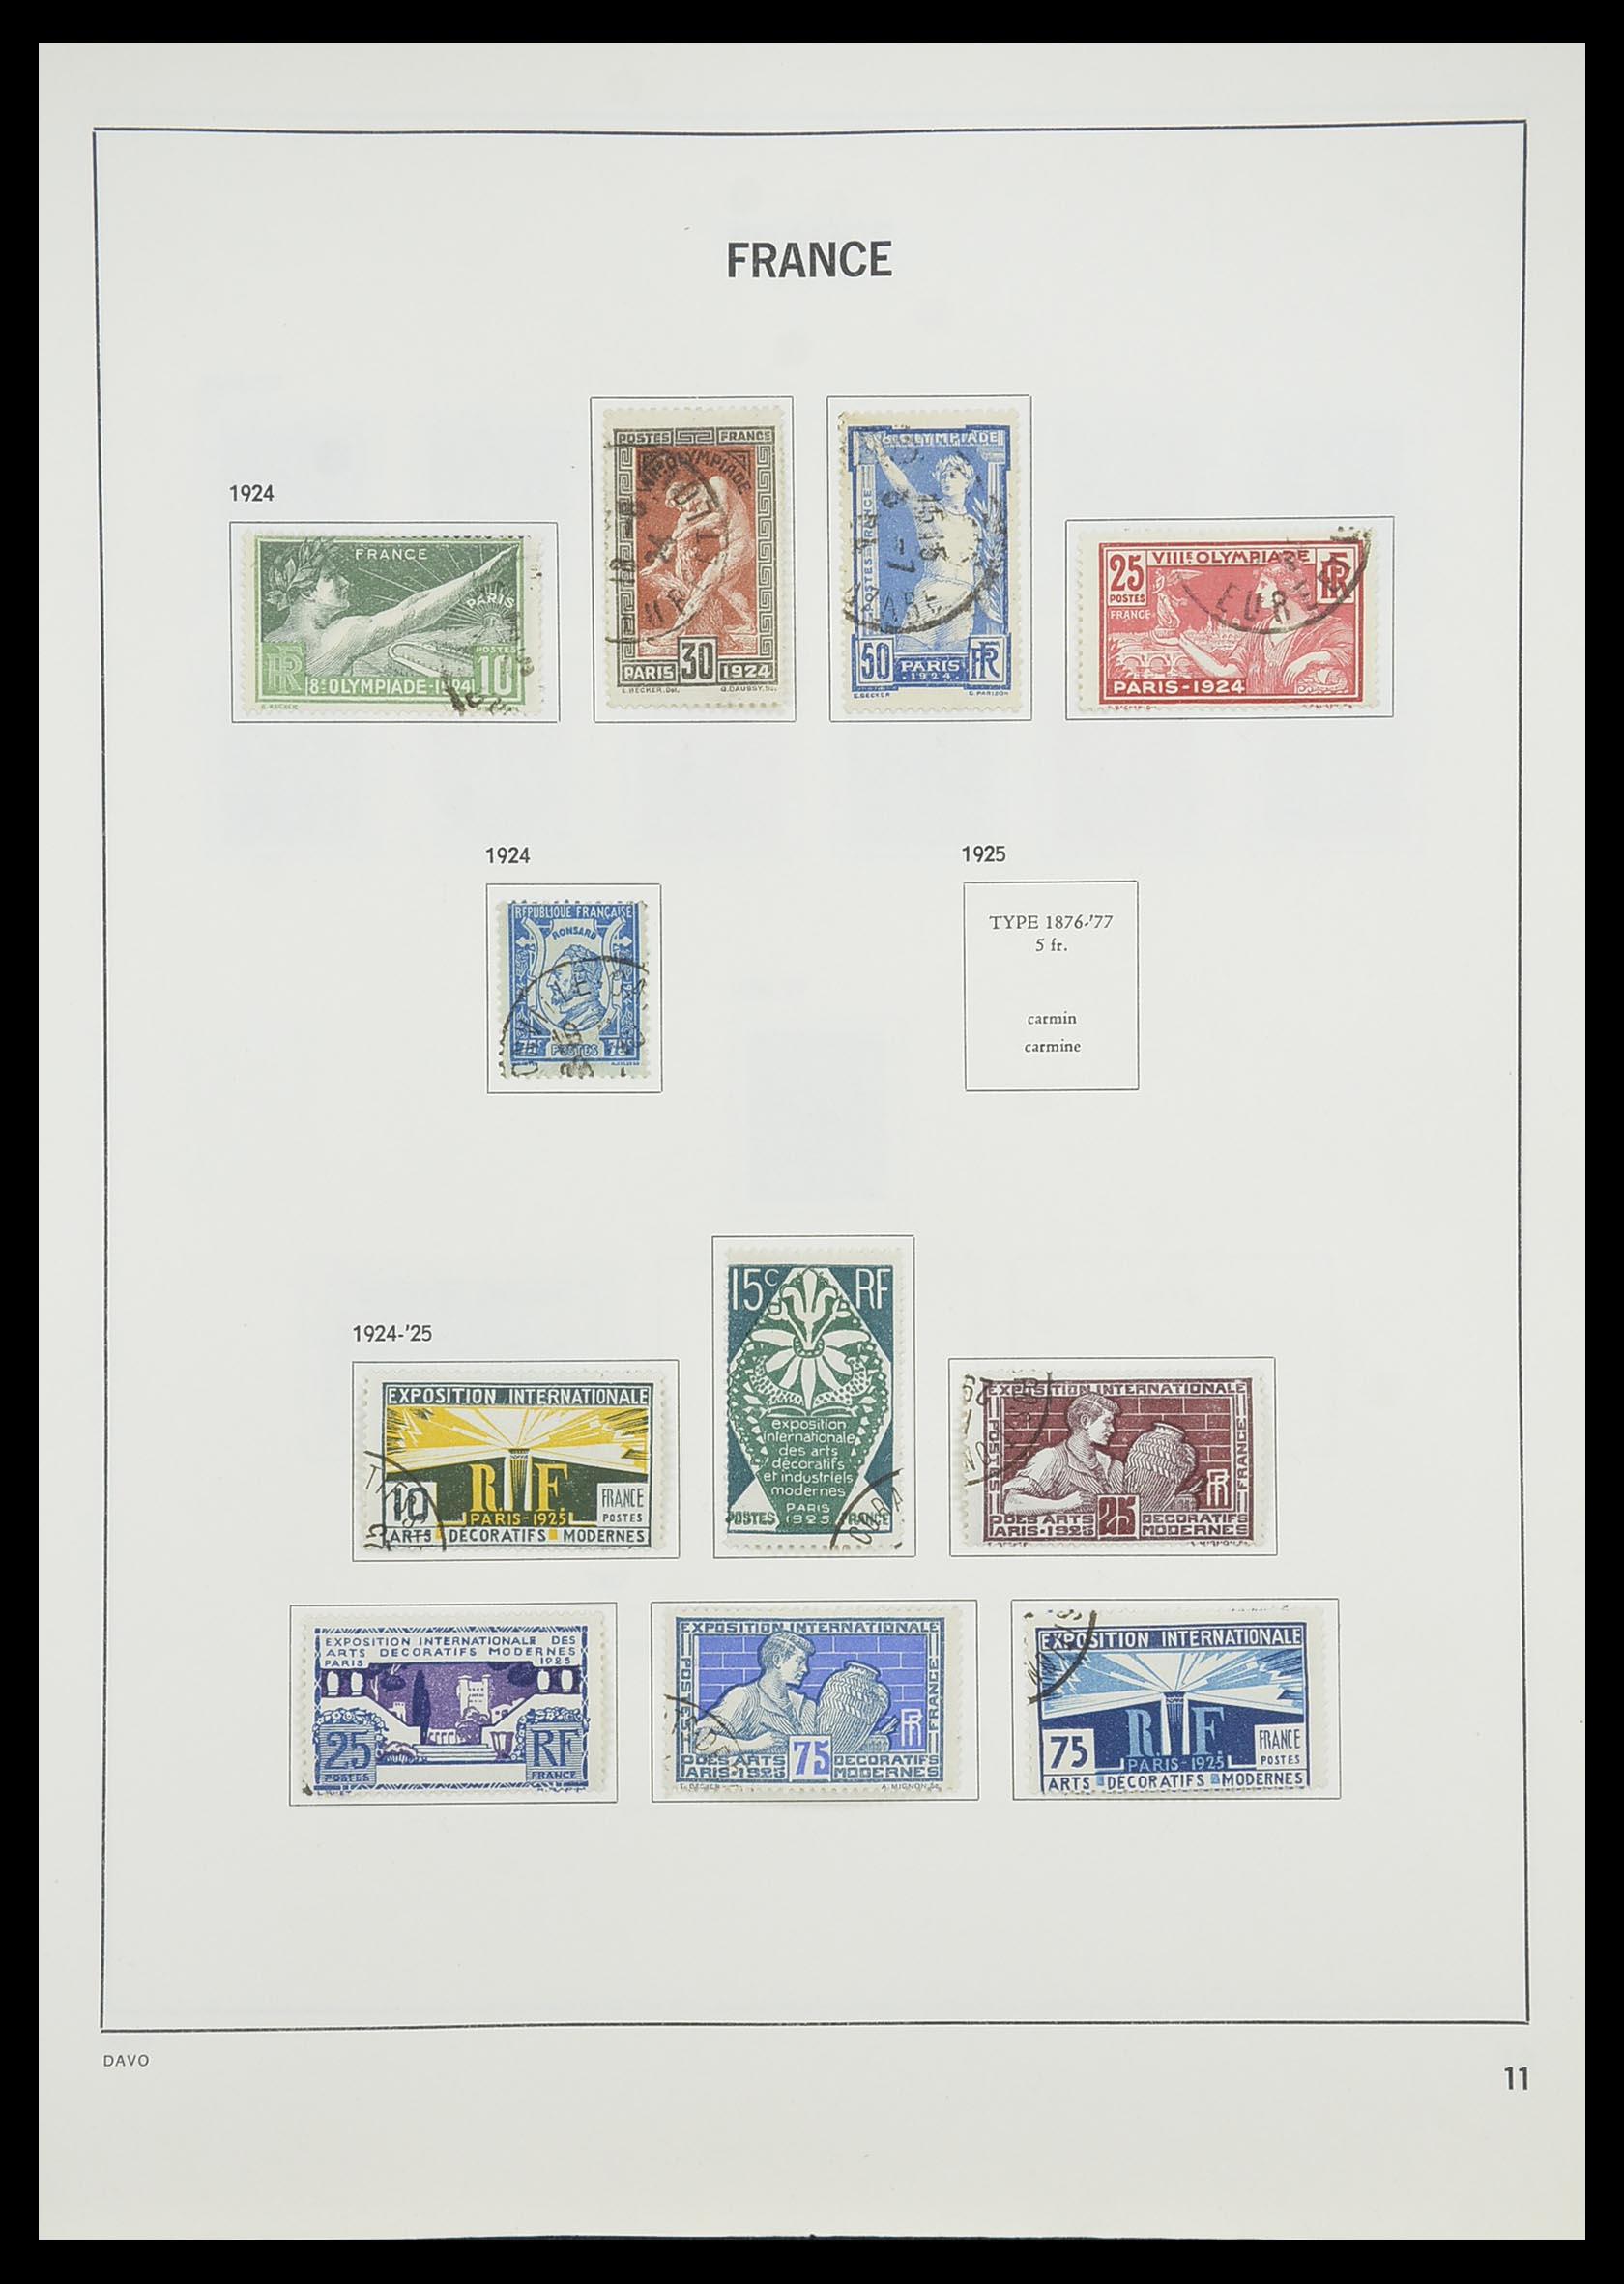 33819 013 - Postzegelverzameling 33819 Frankrijk 1849-1988.